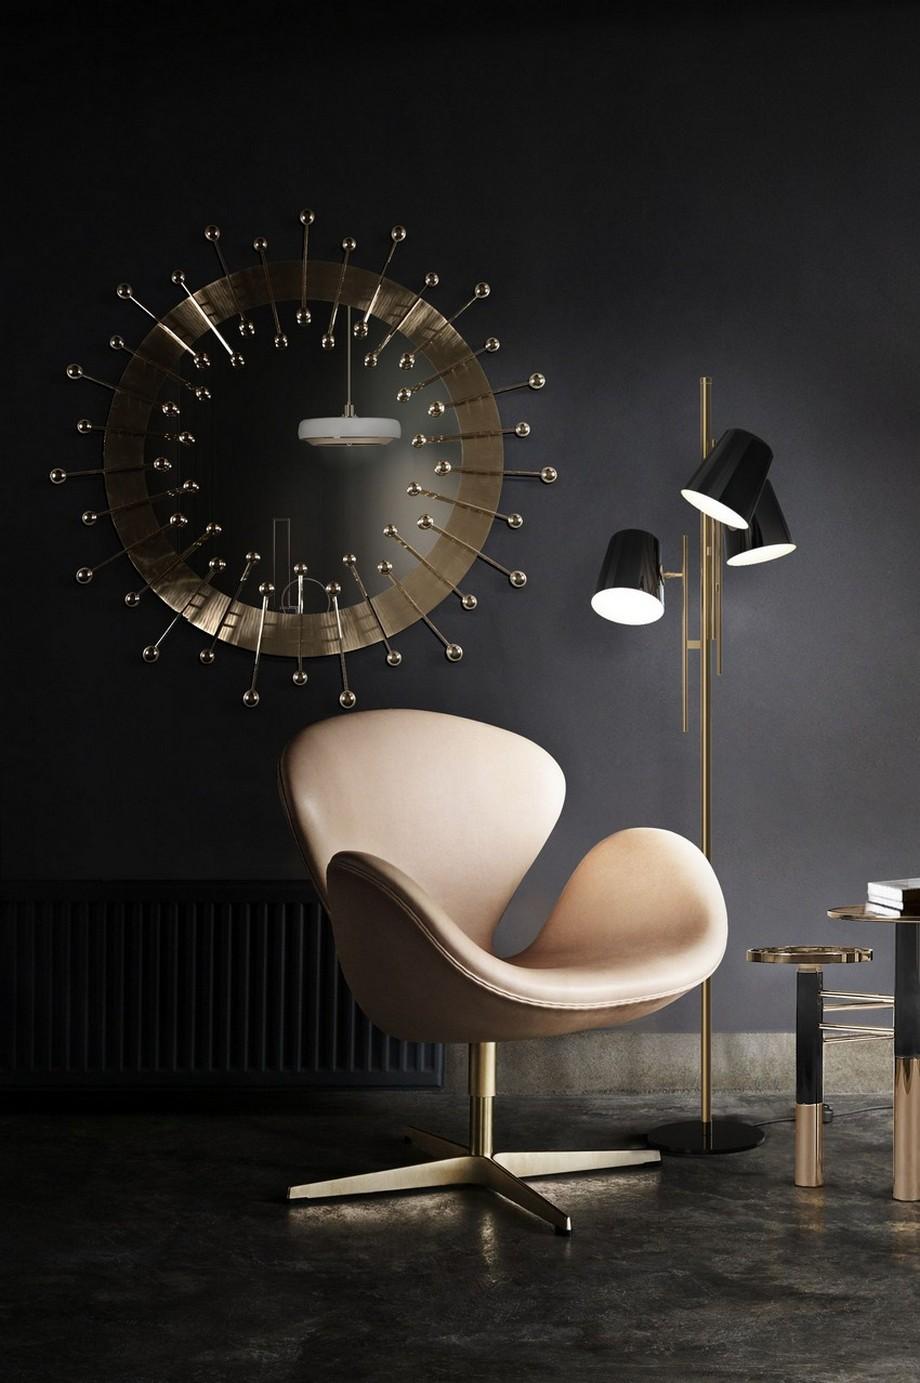 Diseño de Interiores de Vivendas de Medio-siglo lujuosas y perfectas para inspirar diseño de interiores Diseño de Interiores de Vivendas de Medio-siglo lujuosas y perfectas para inspirar LStsGW4w